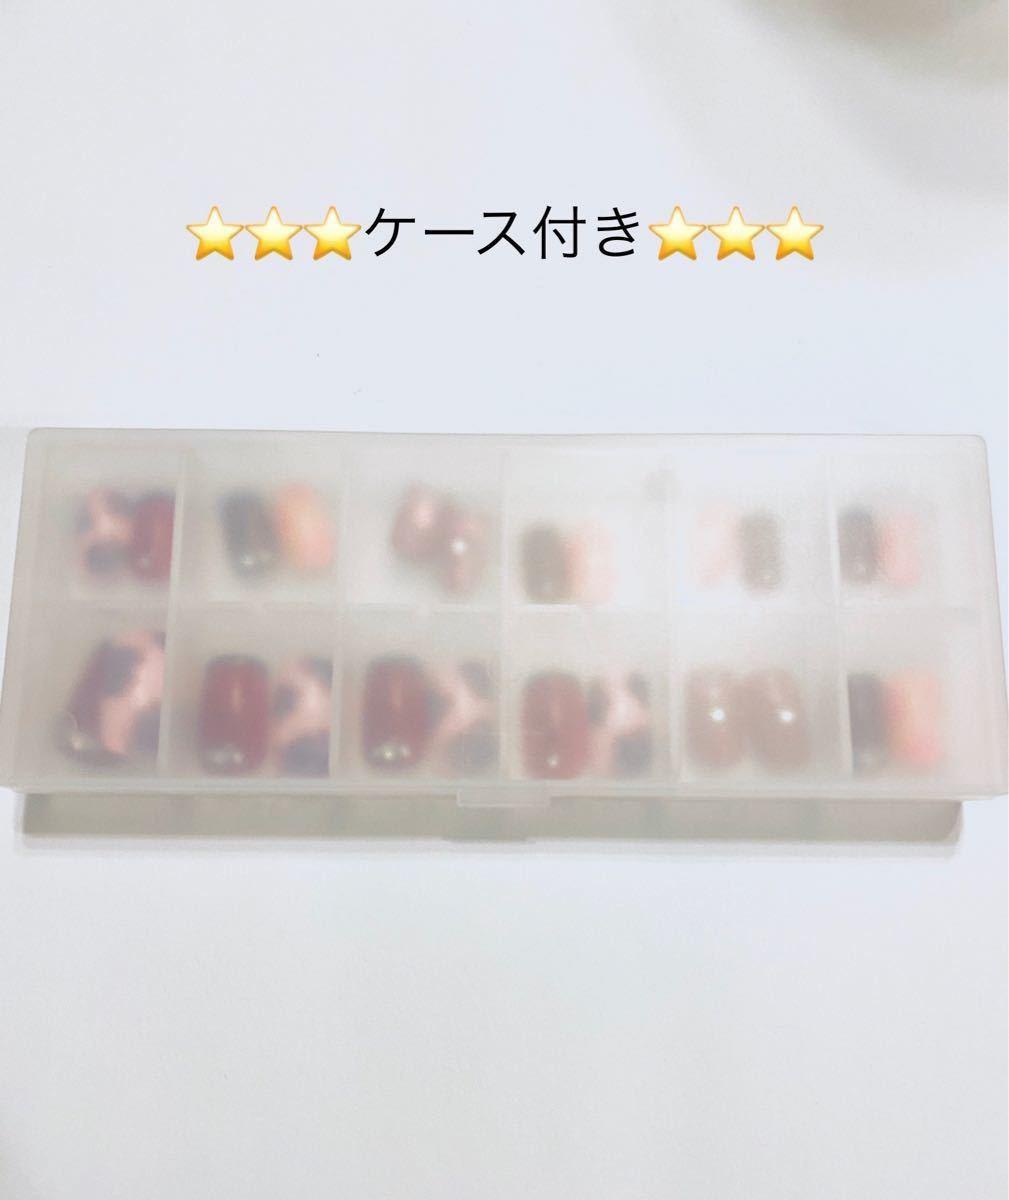 【ネイルチップ/セット】GN001 アシンメトリー秋ネイル☆